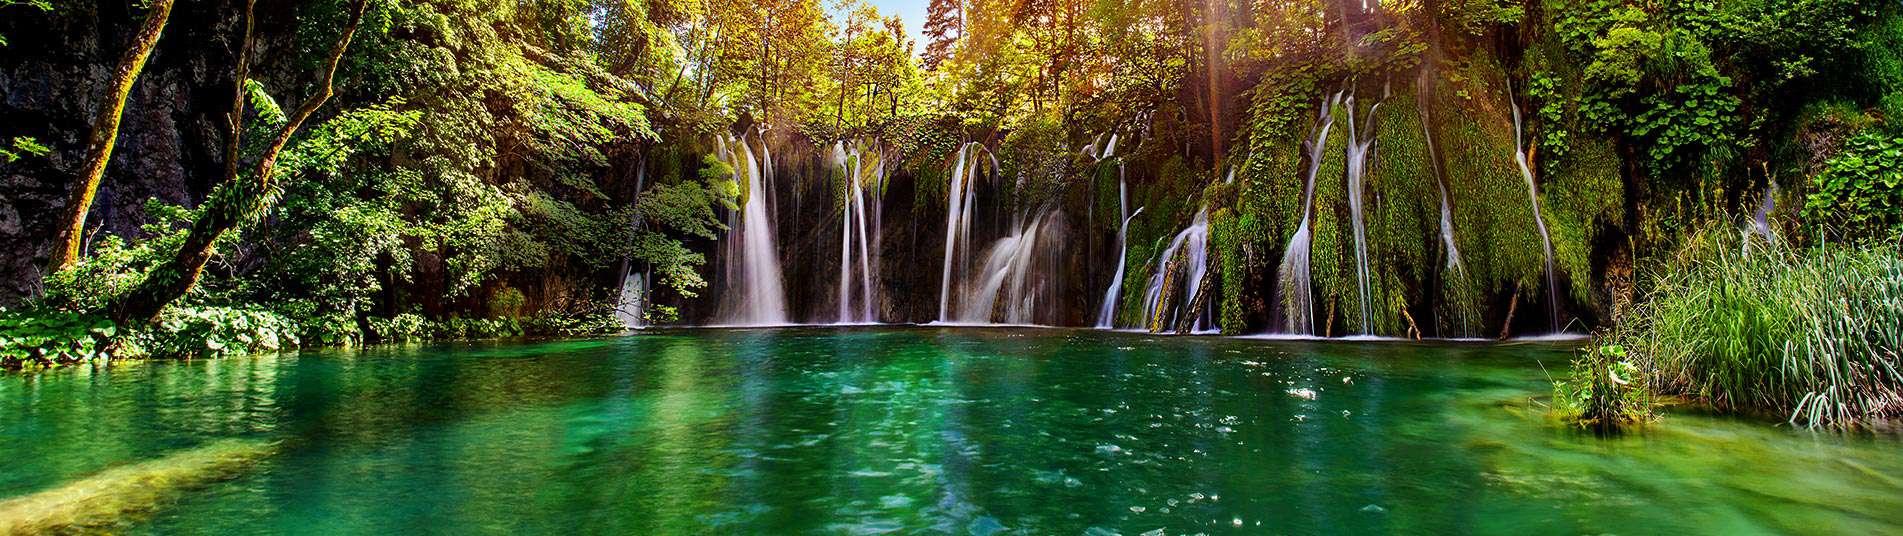 Cascades en Croatie